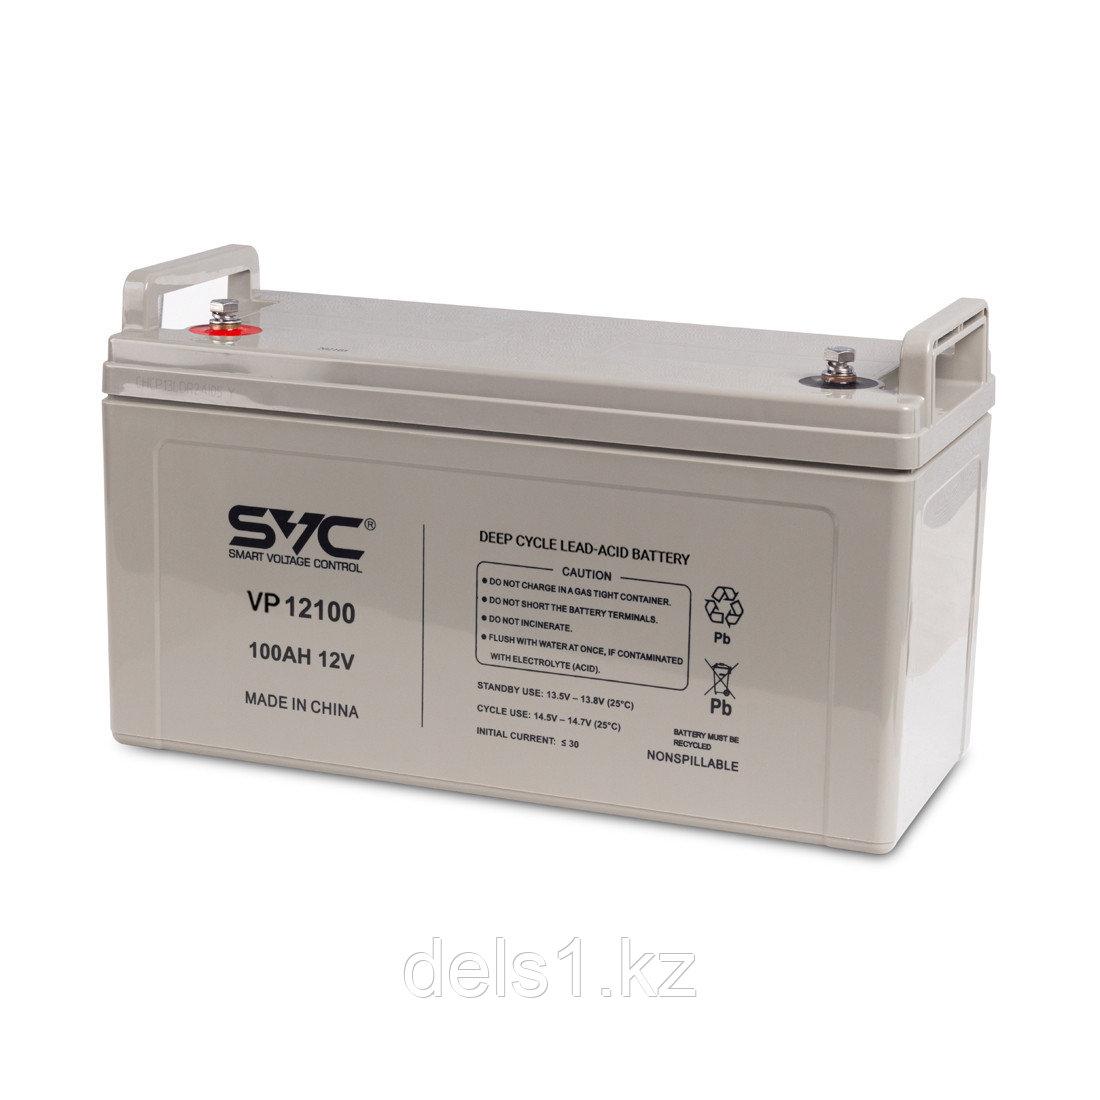 Батарея, SVC, Свинцово-кислотная VP12100 12В 100 Ач, Размер в мм.: 407*172*236